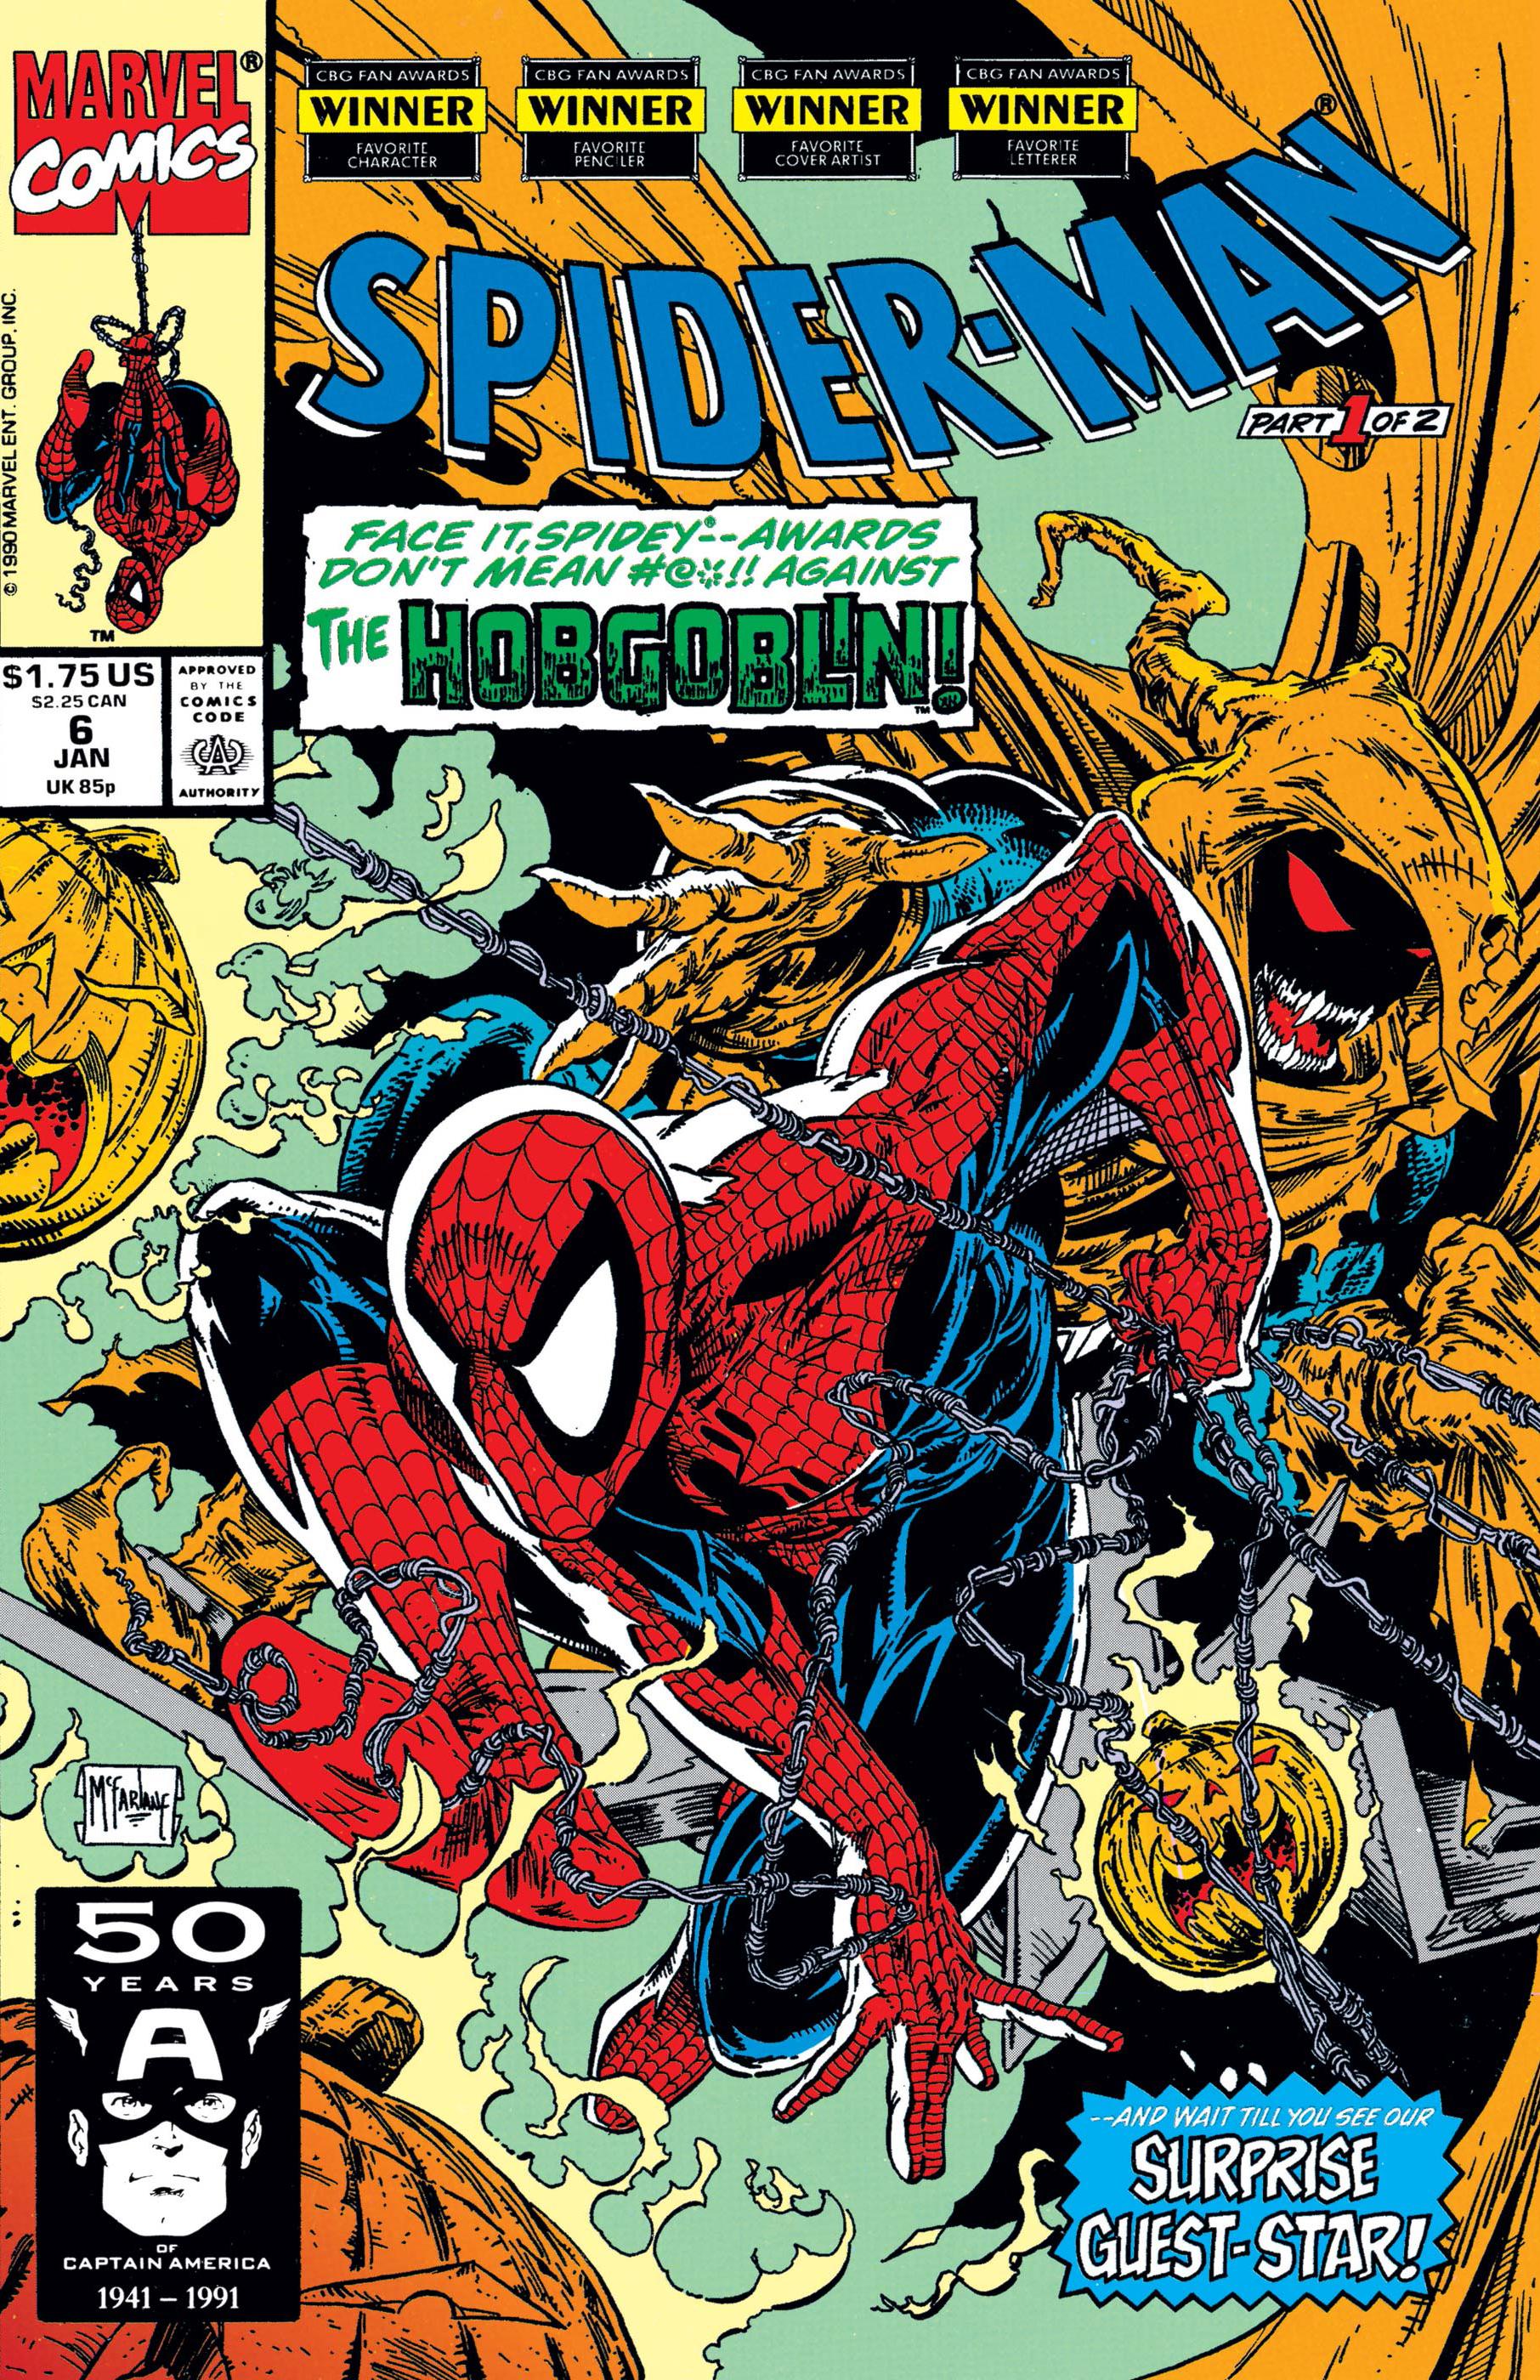 Spider-Man Vol 1 6 Spider Man 6